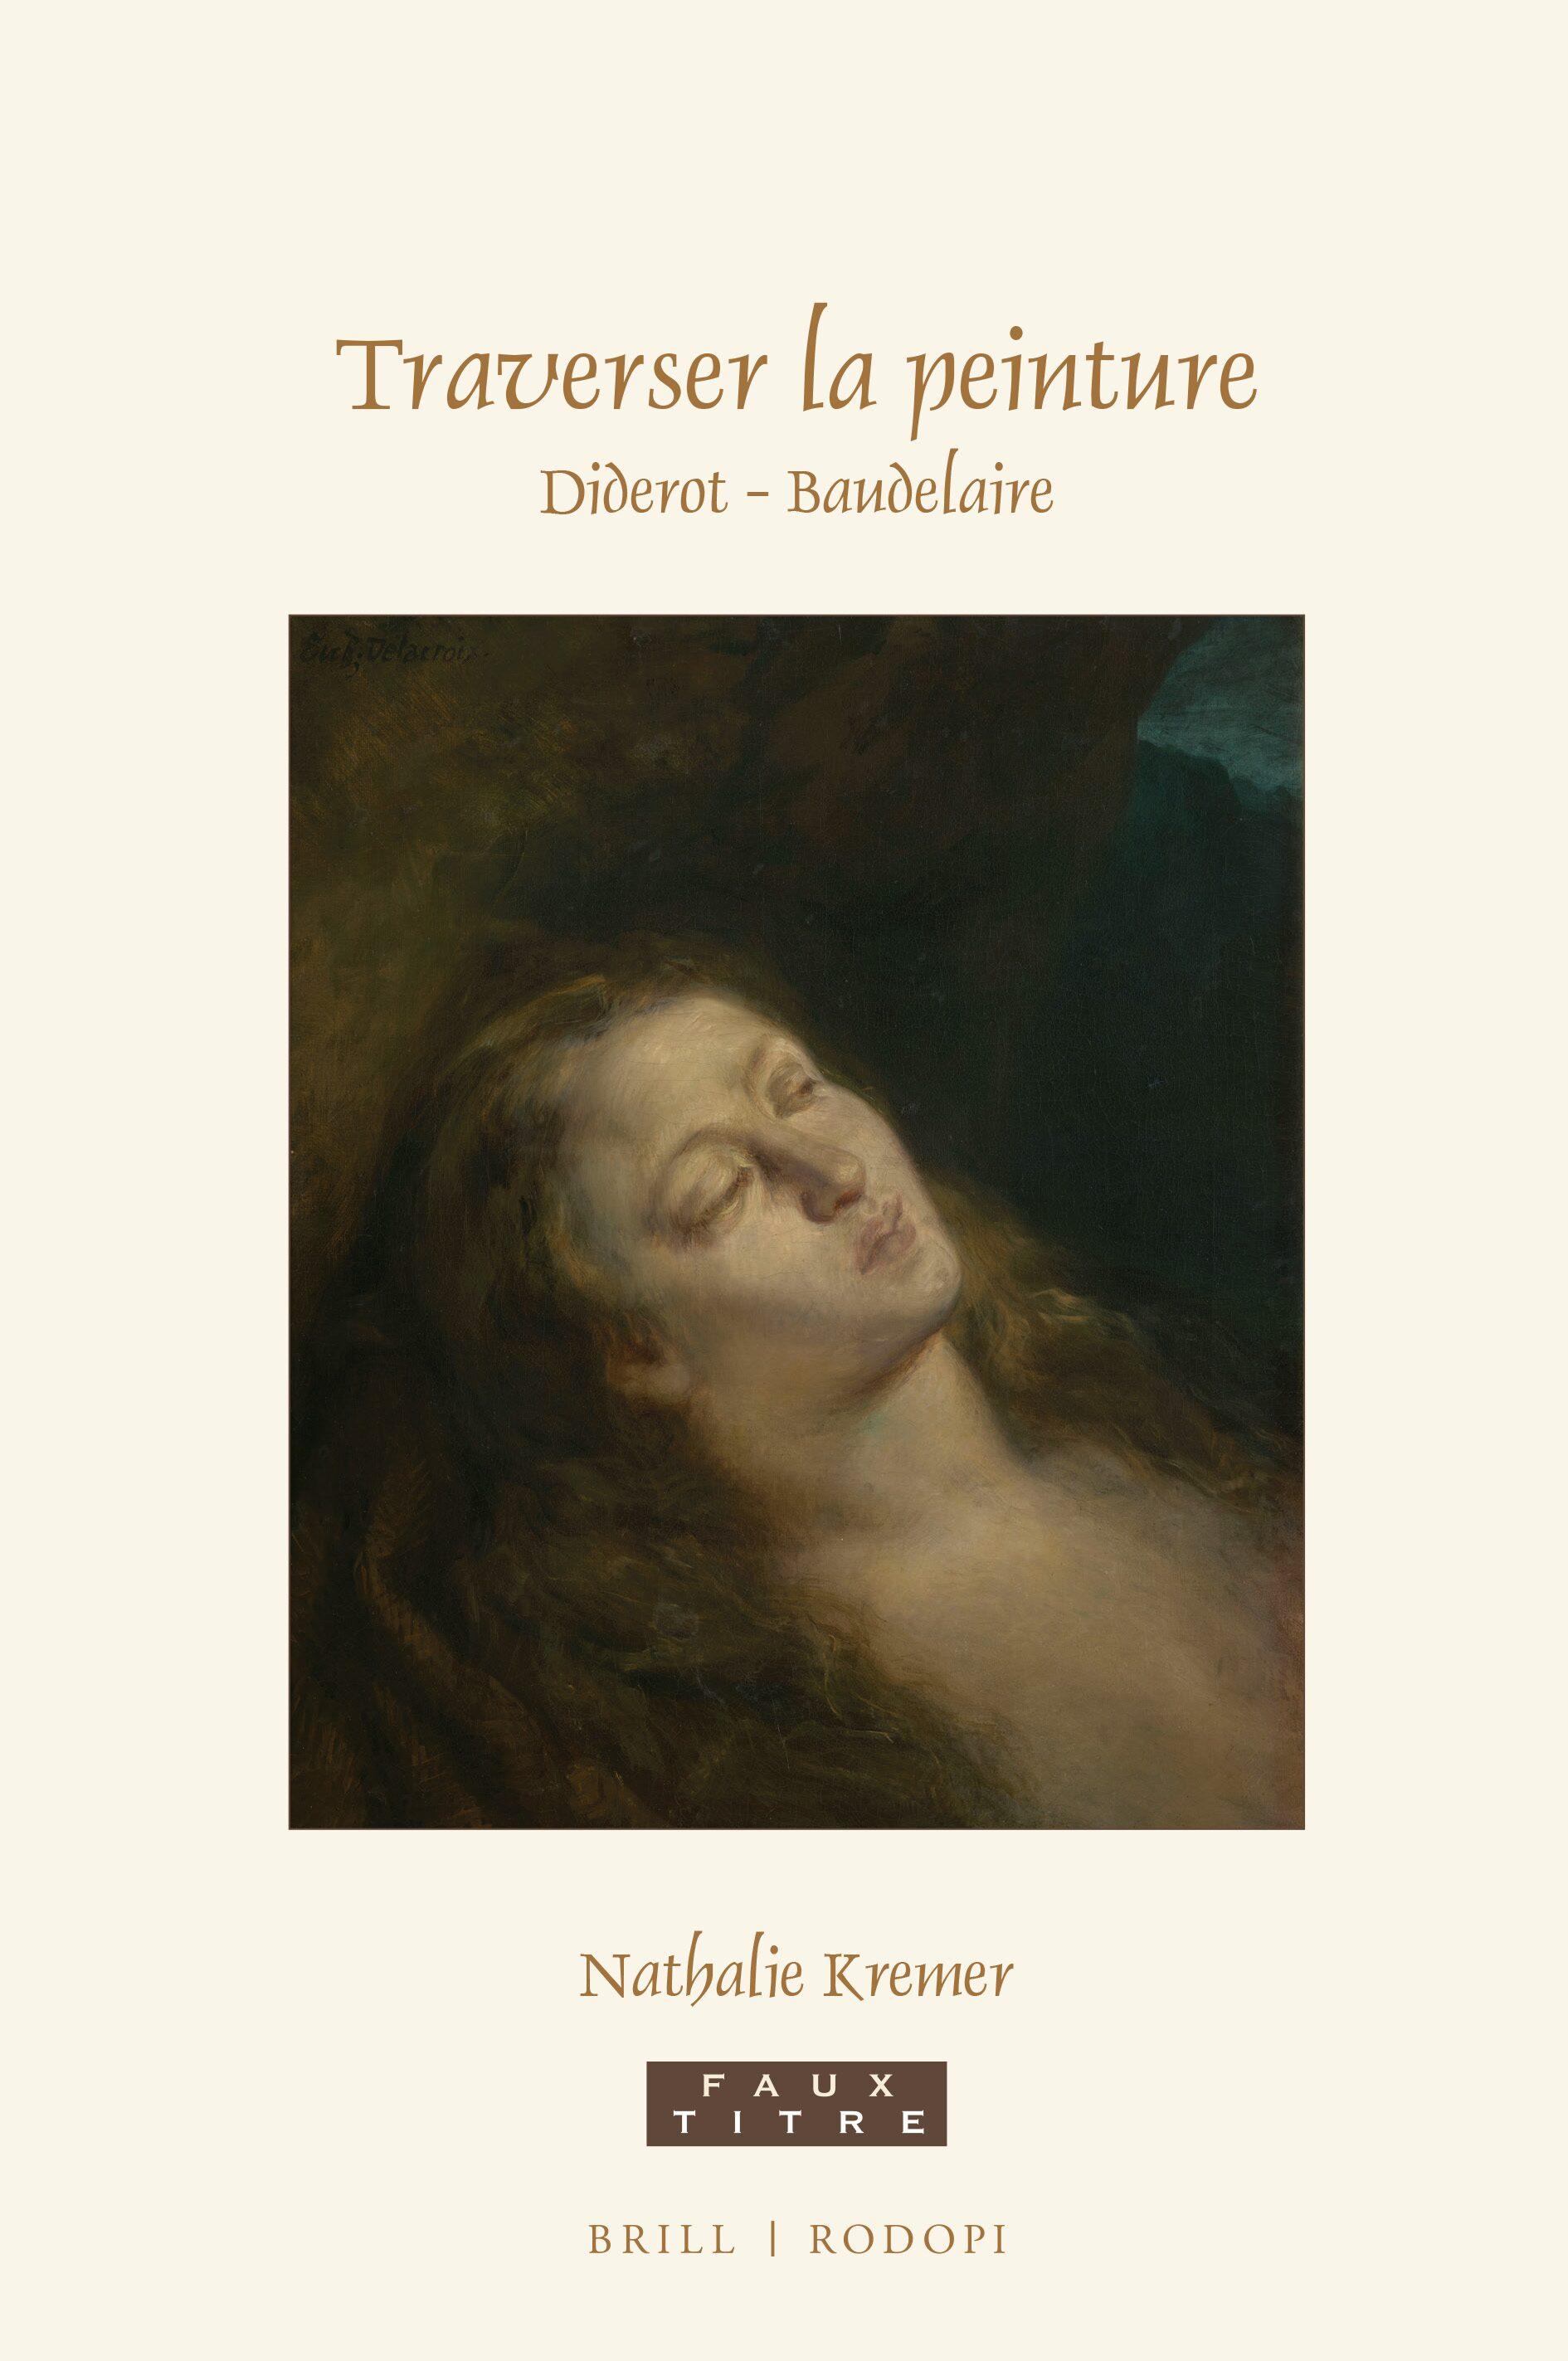 Imaginer la peinture : La critique poétique de Baudelaire in: Traverser la  peinture. Diderot - Baudelaire